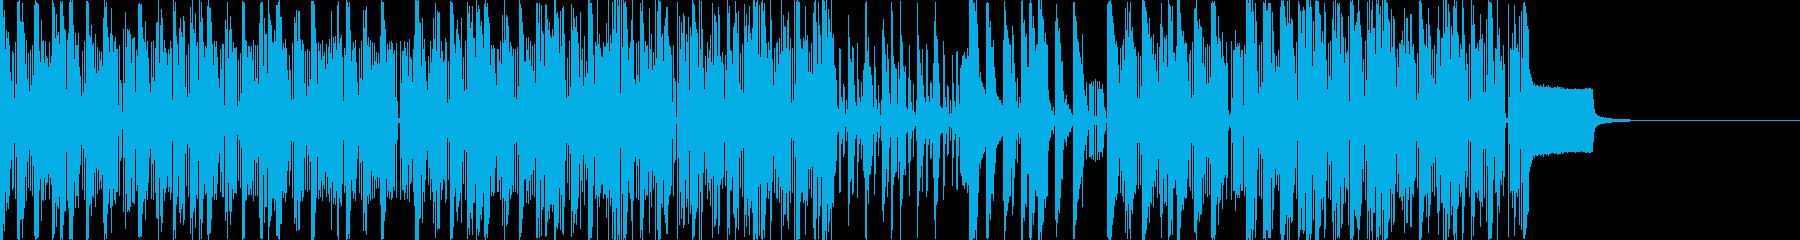 ヒップホップ/インド風のアーバンミ...の再生済みの波形